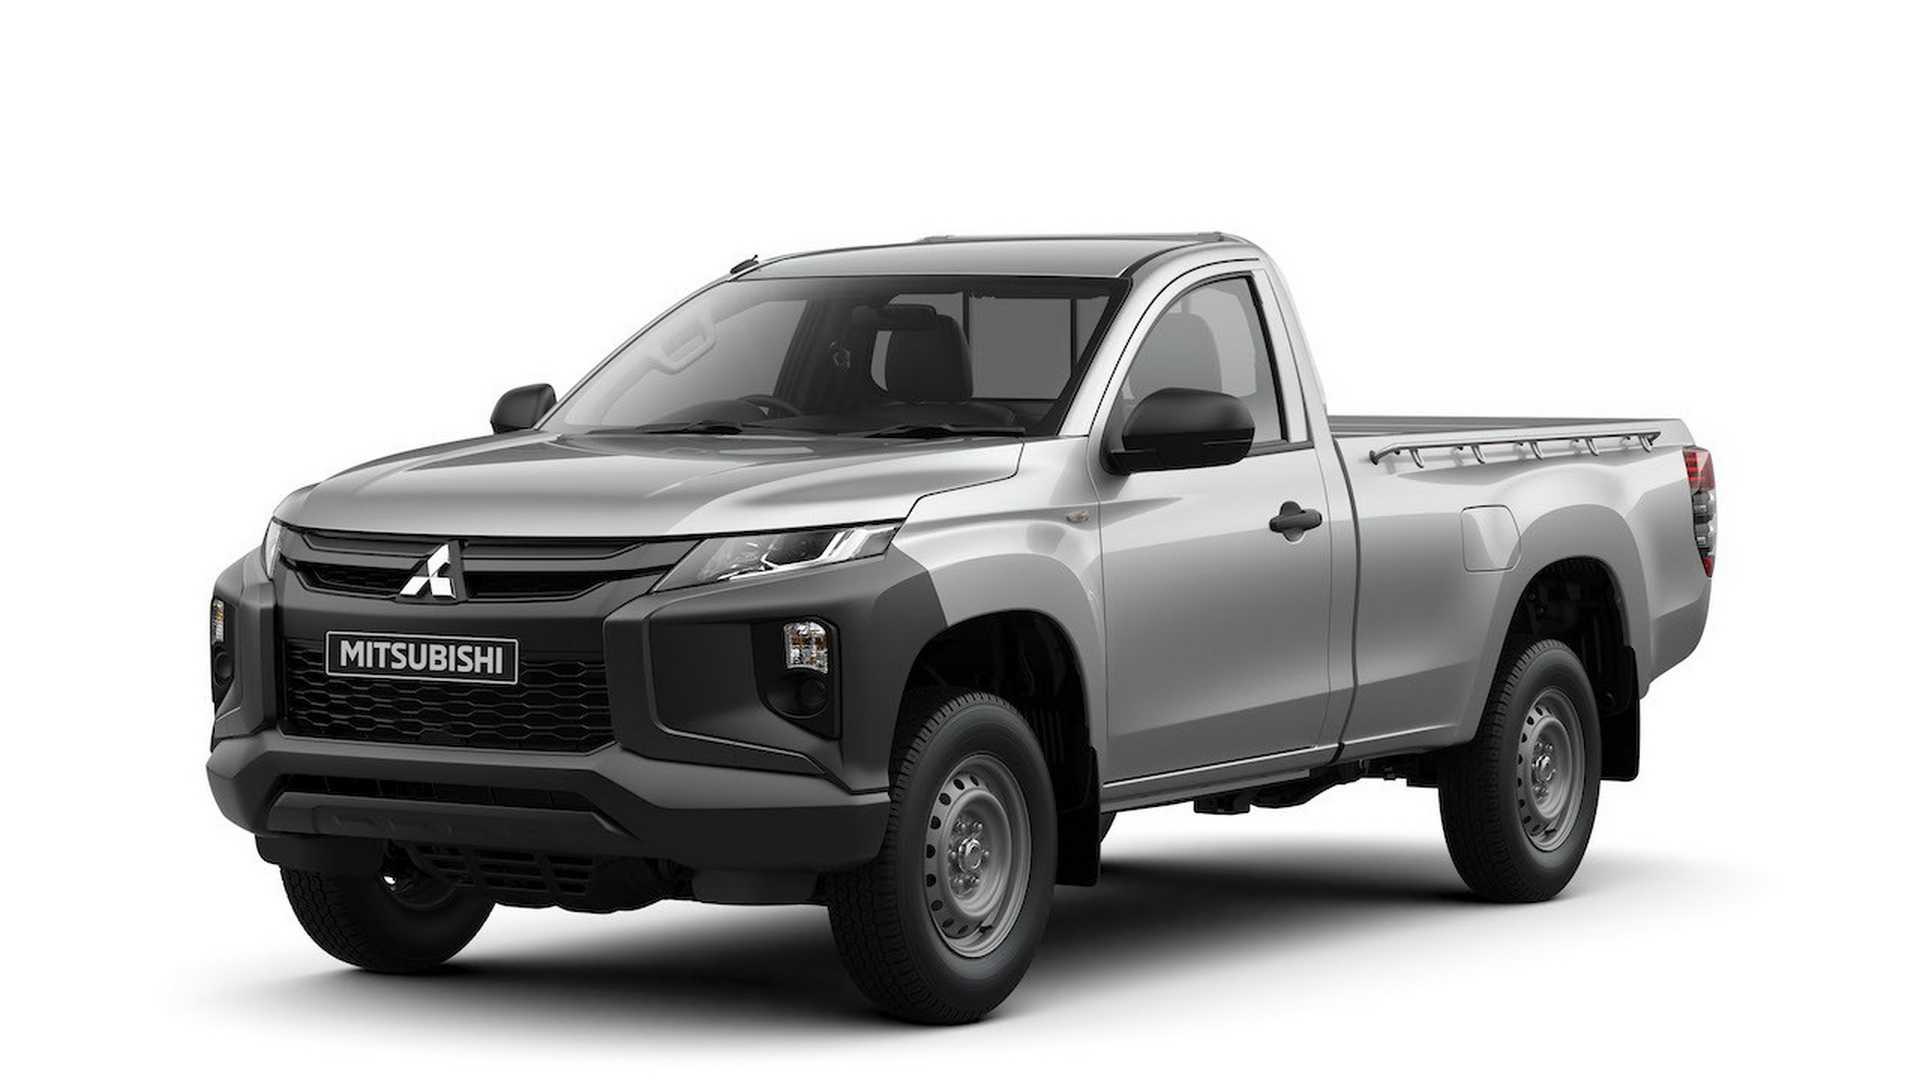 er Mitsubishi L200 / Triton 2019 apare oficial in noi imagini cu un design indraznet